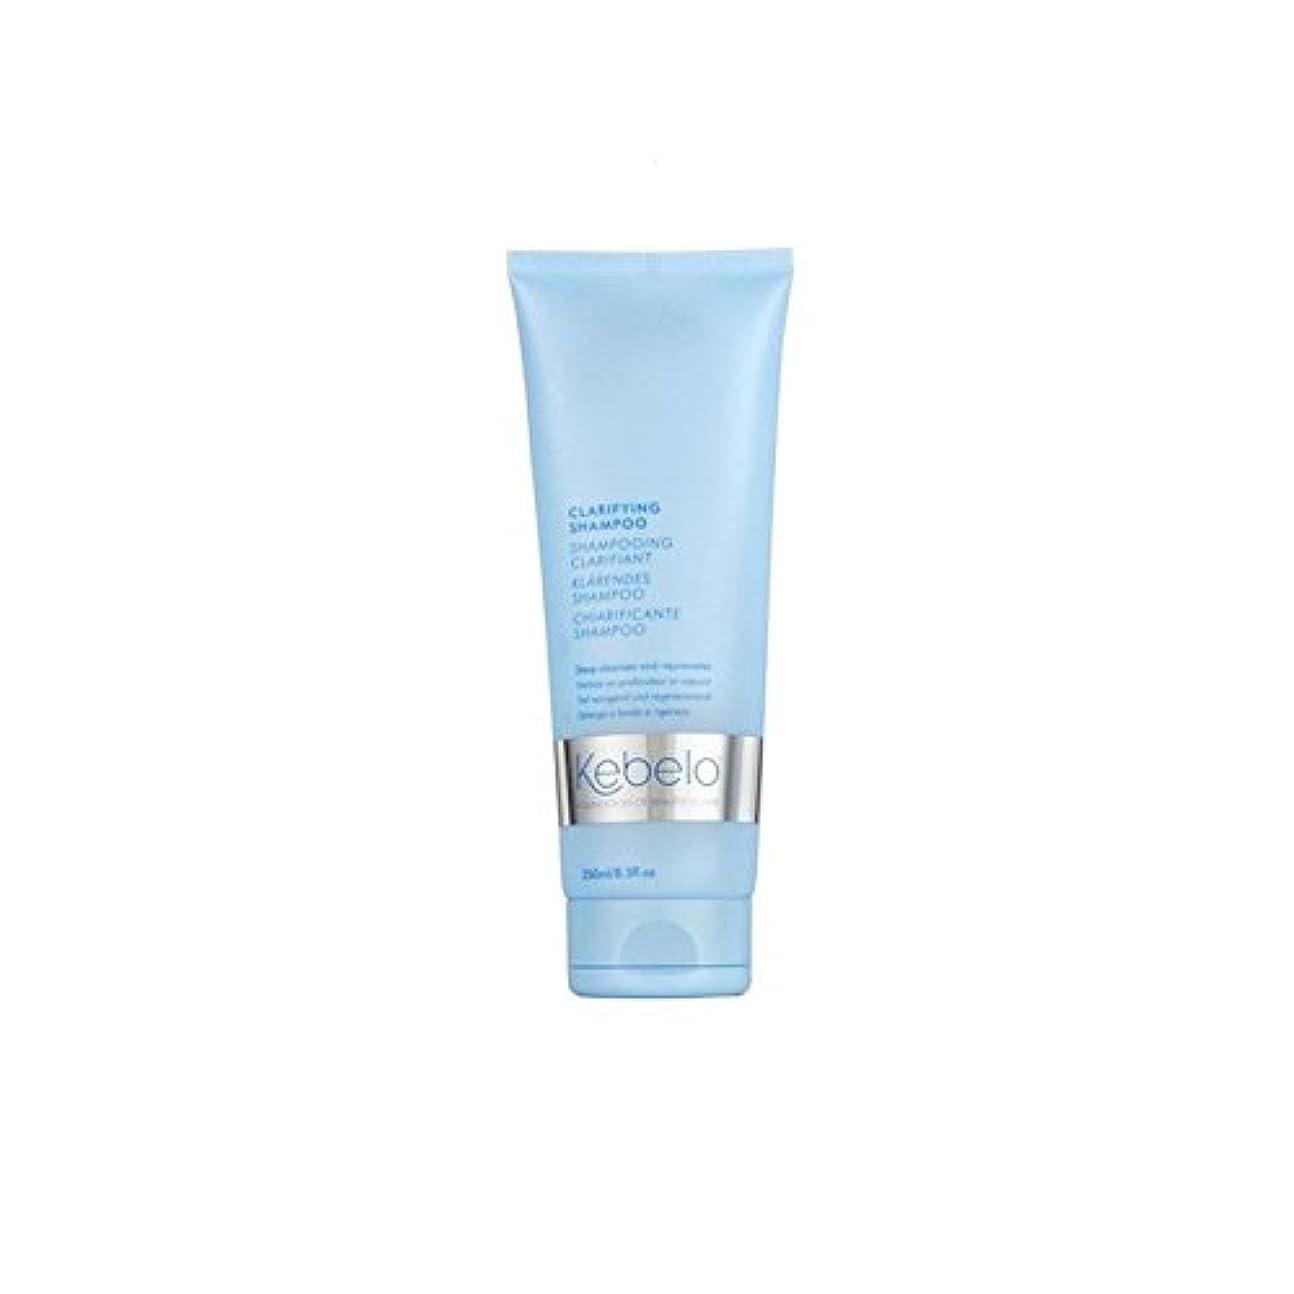 委任急降下前提条件明確化シャンプー(250ミリリットル) x2 - Kebelo Clarifying Shampoo (250ml) (Pack of 2) [並行輸入品]